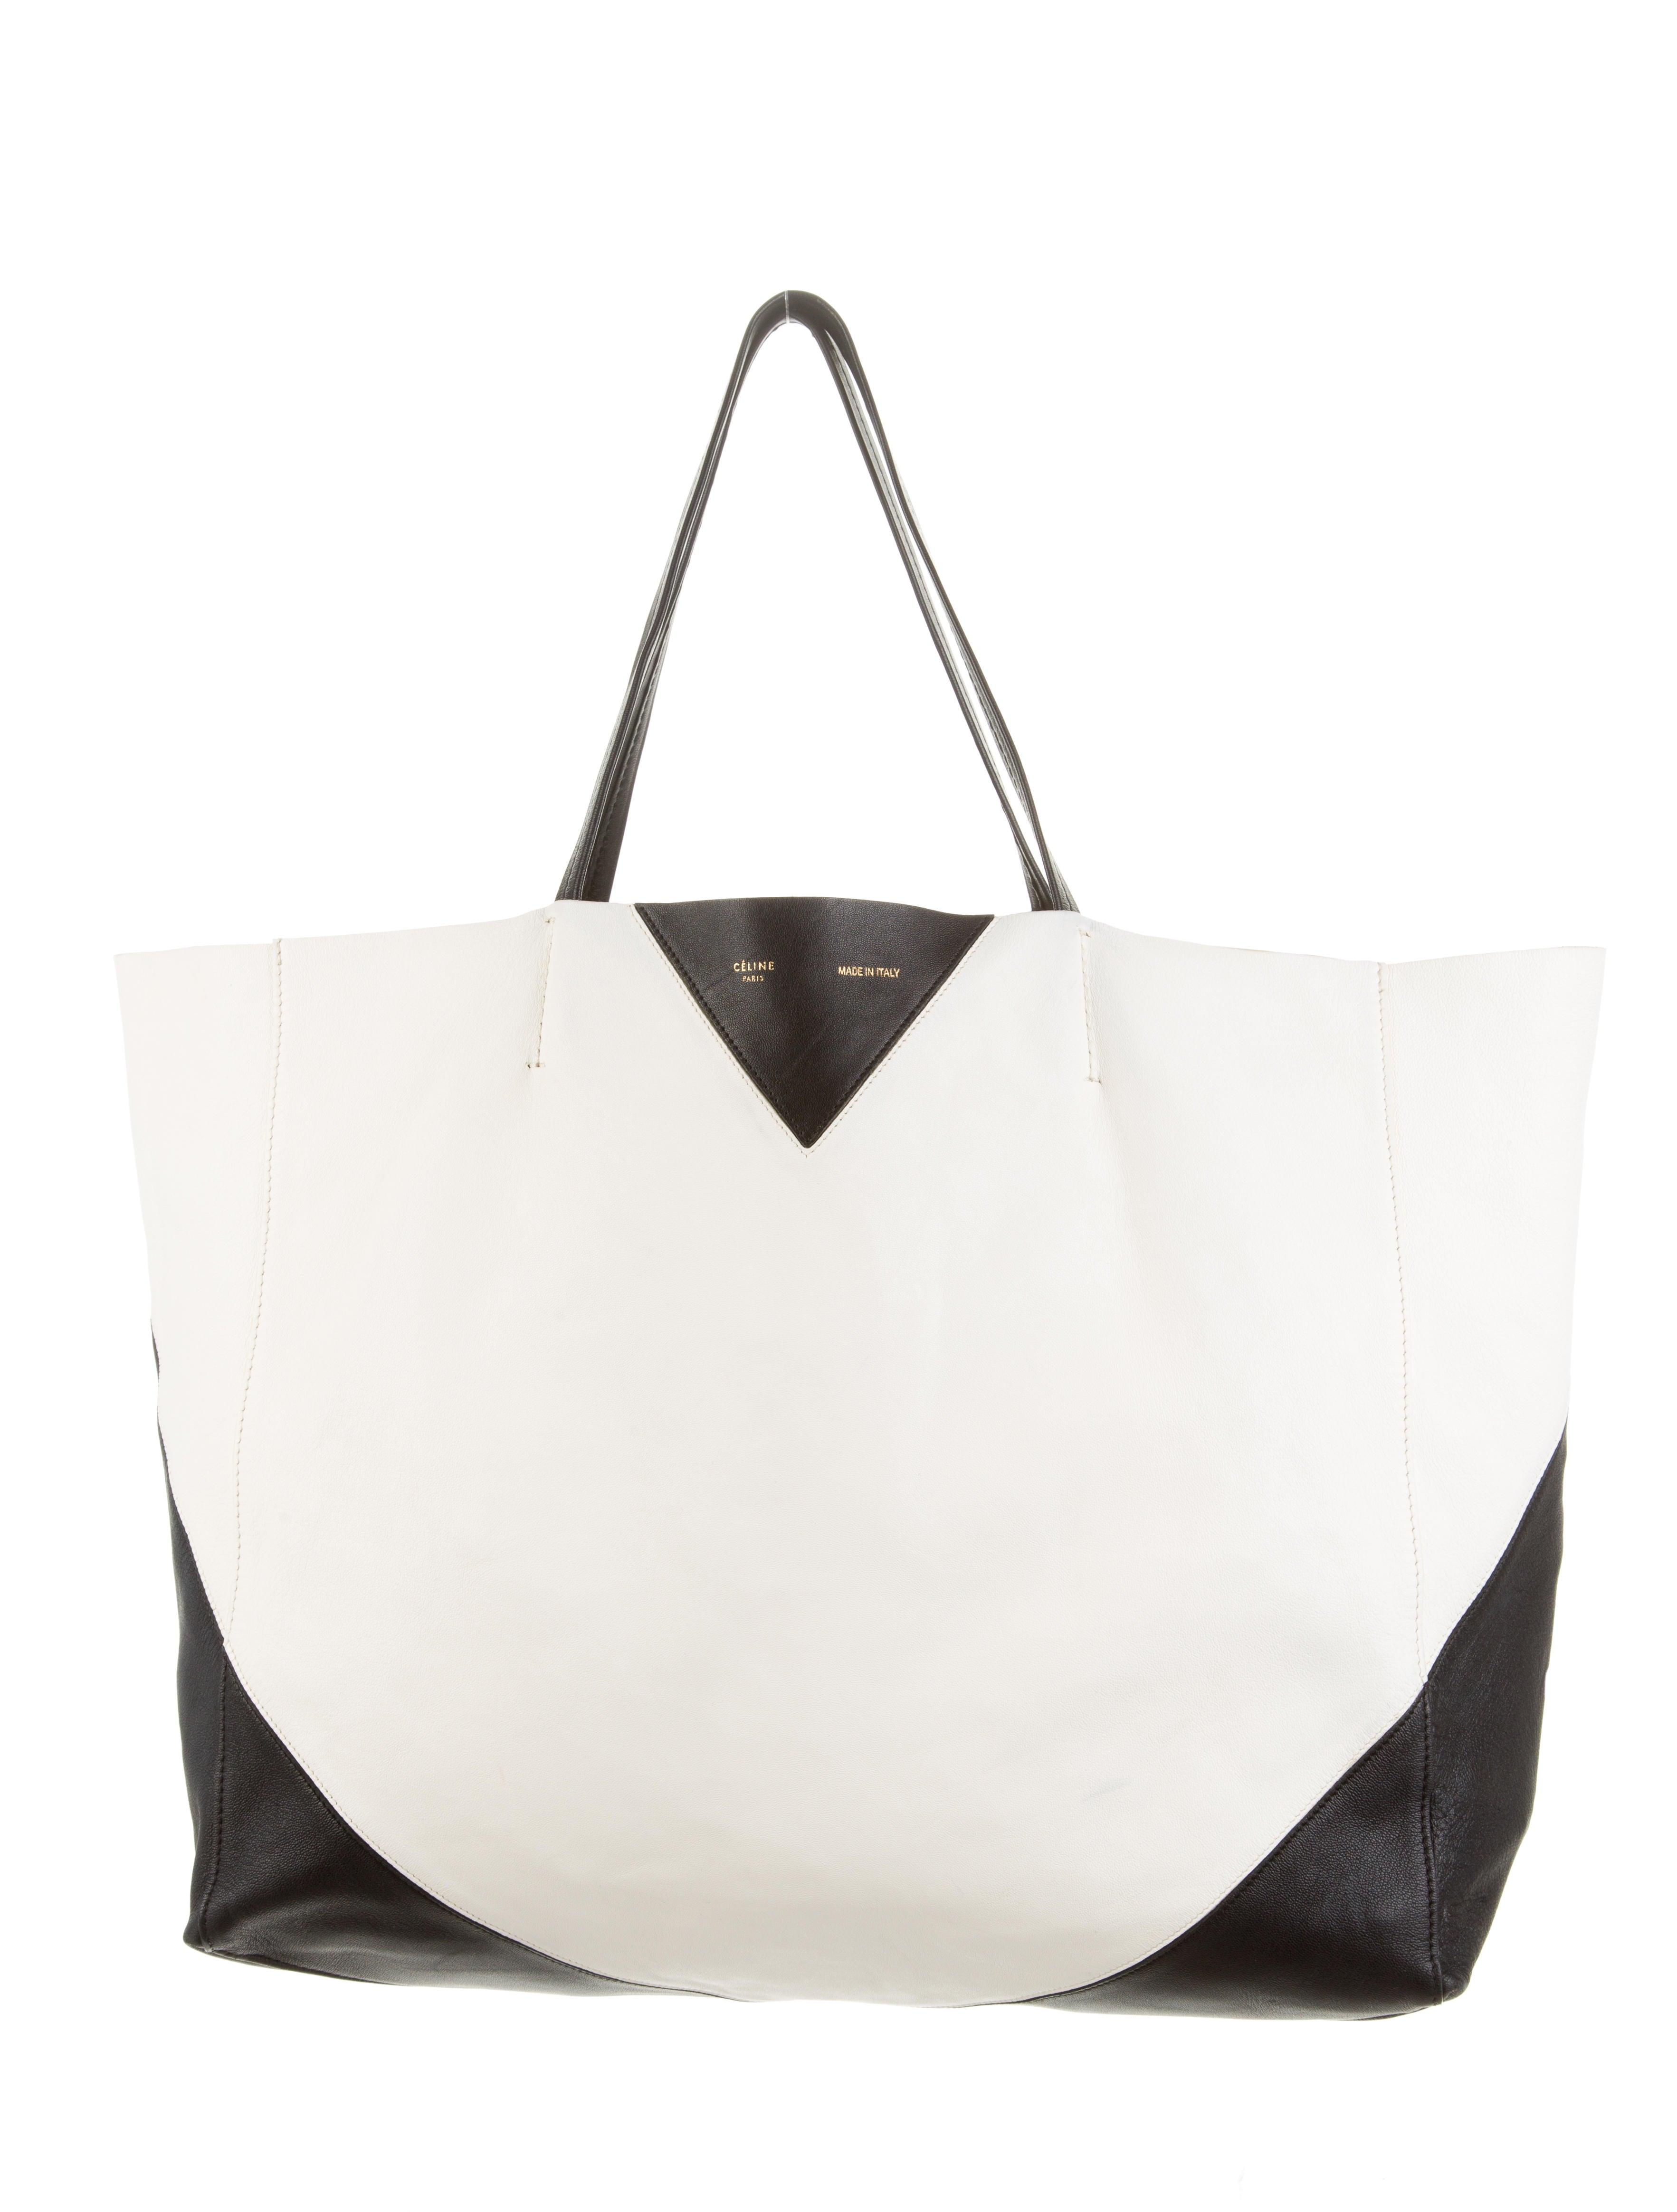 C¨¦line Vertical Cabas Tote - Handbags - CEL29279 | The RealReal